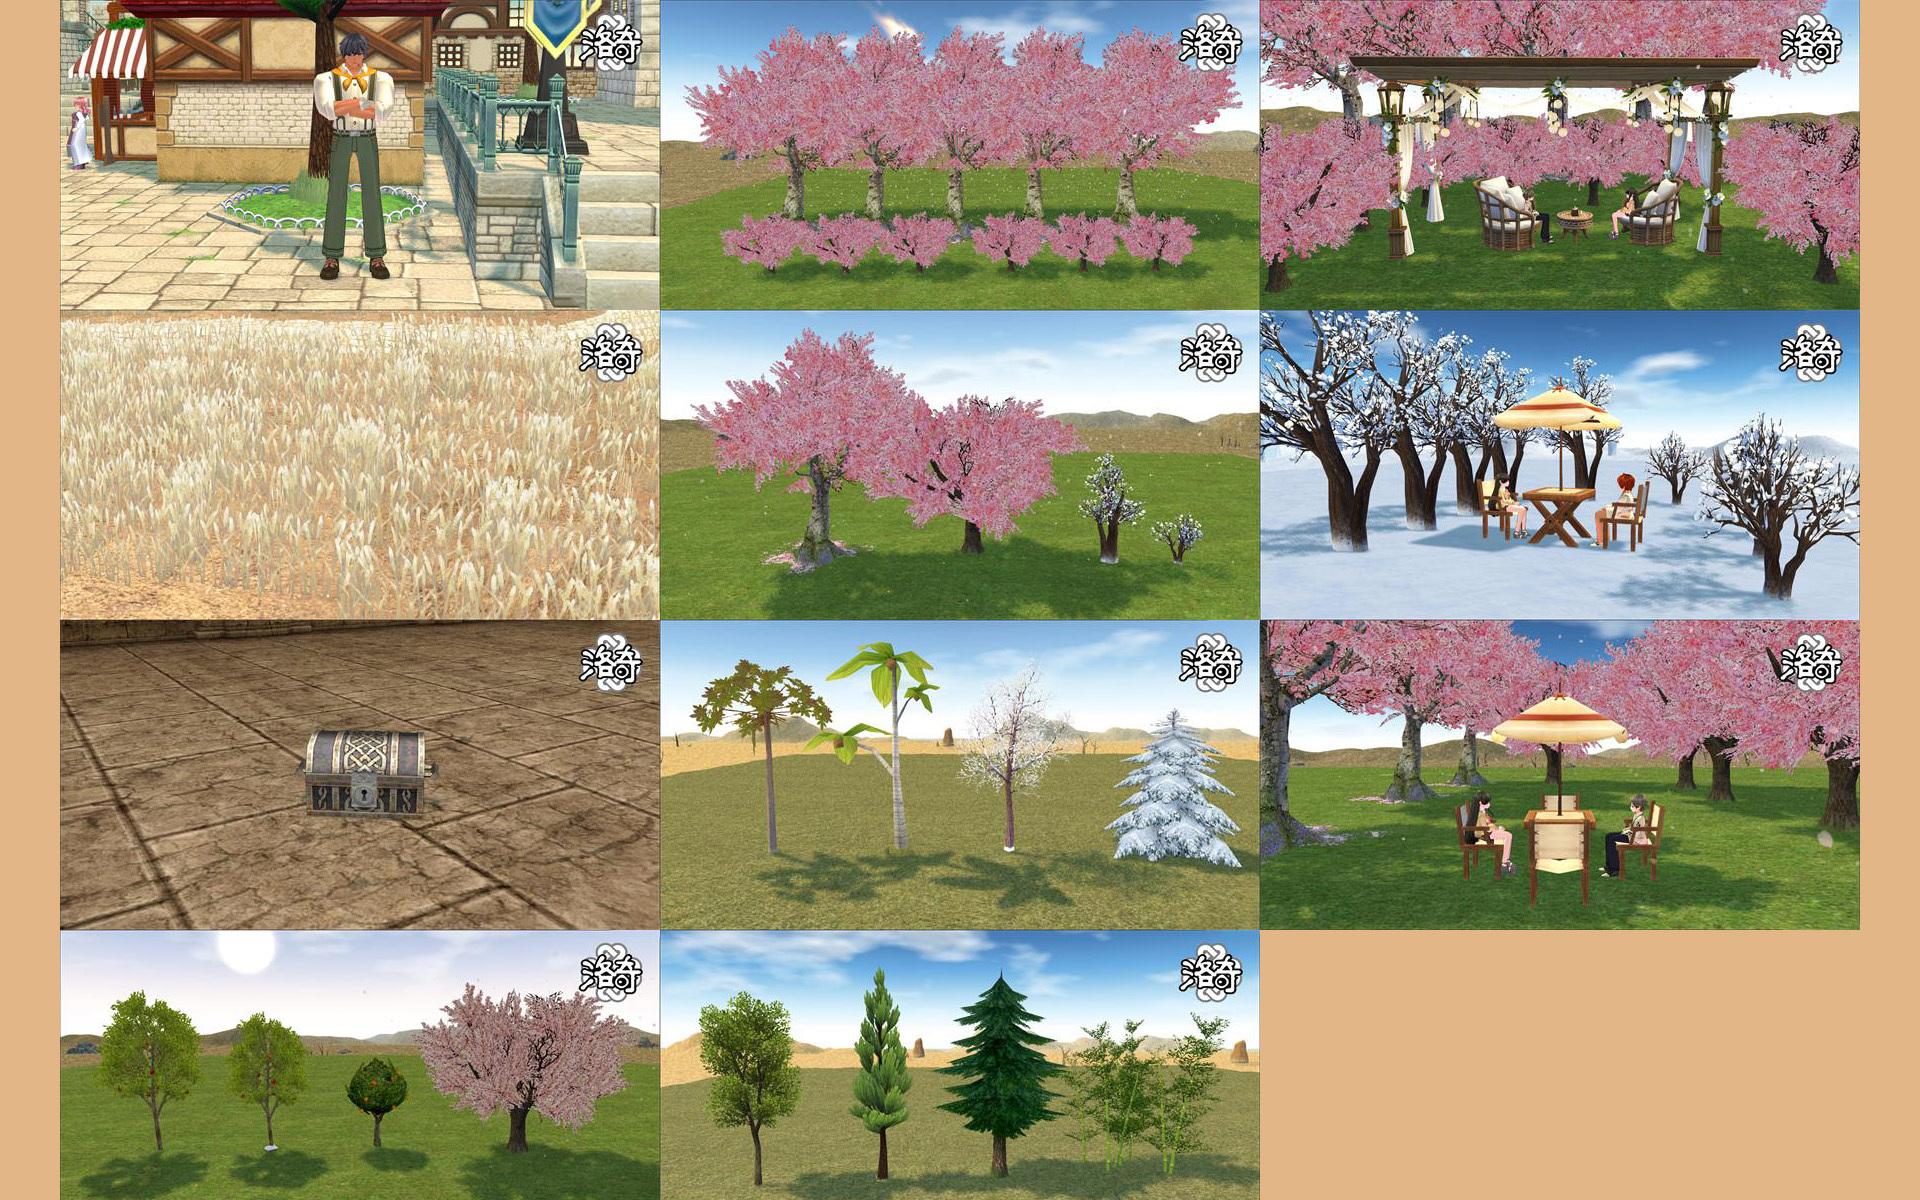 ハーモンの桜の木(中国)